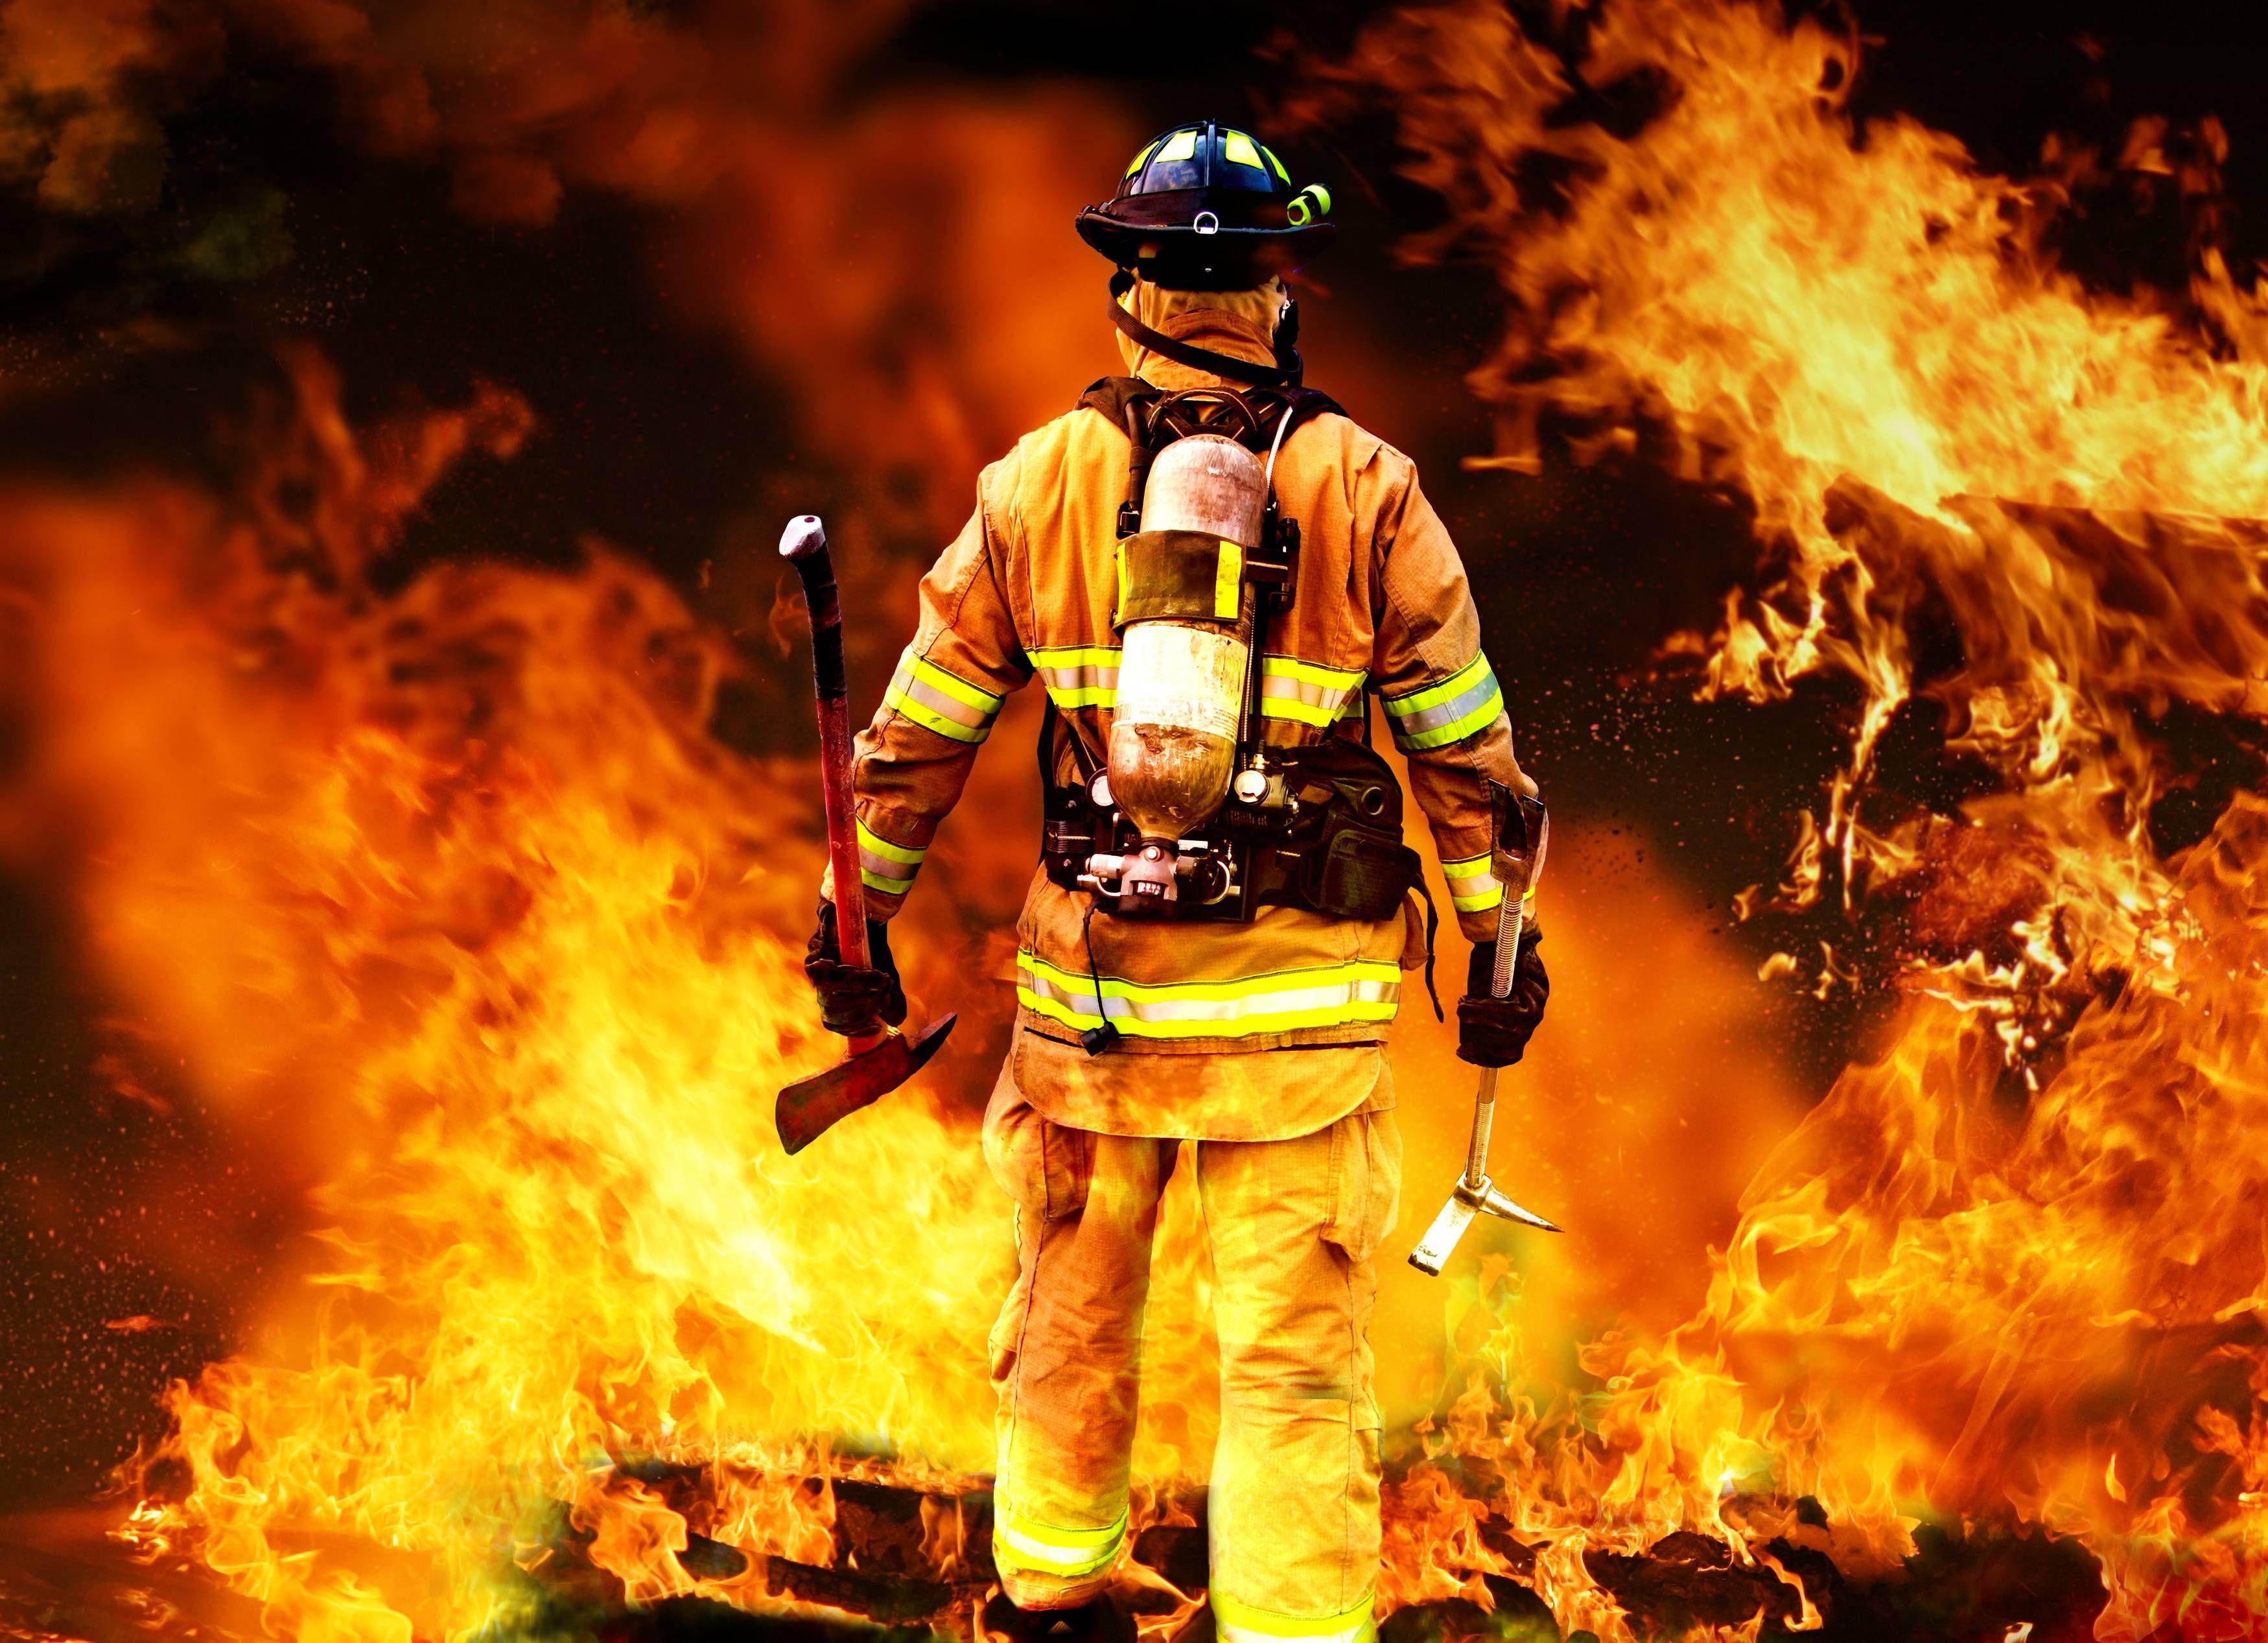 Firefighter Wallpaper Firefighter Volunteer firefighter Fire 3499x2534